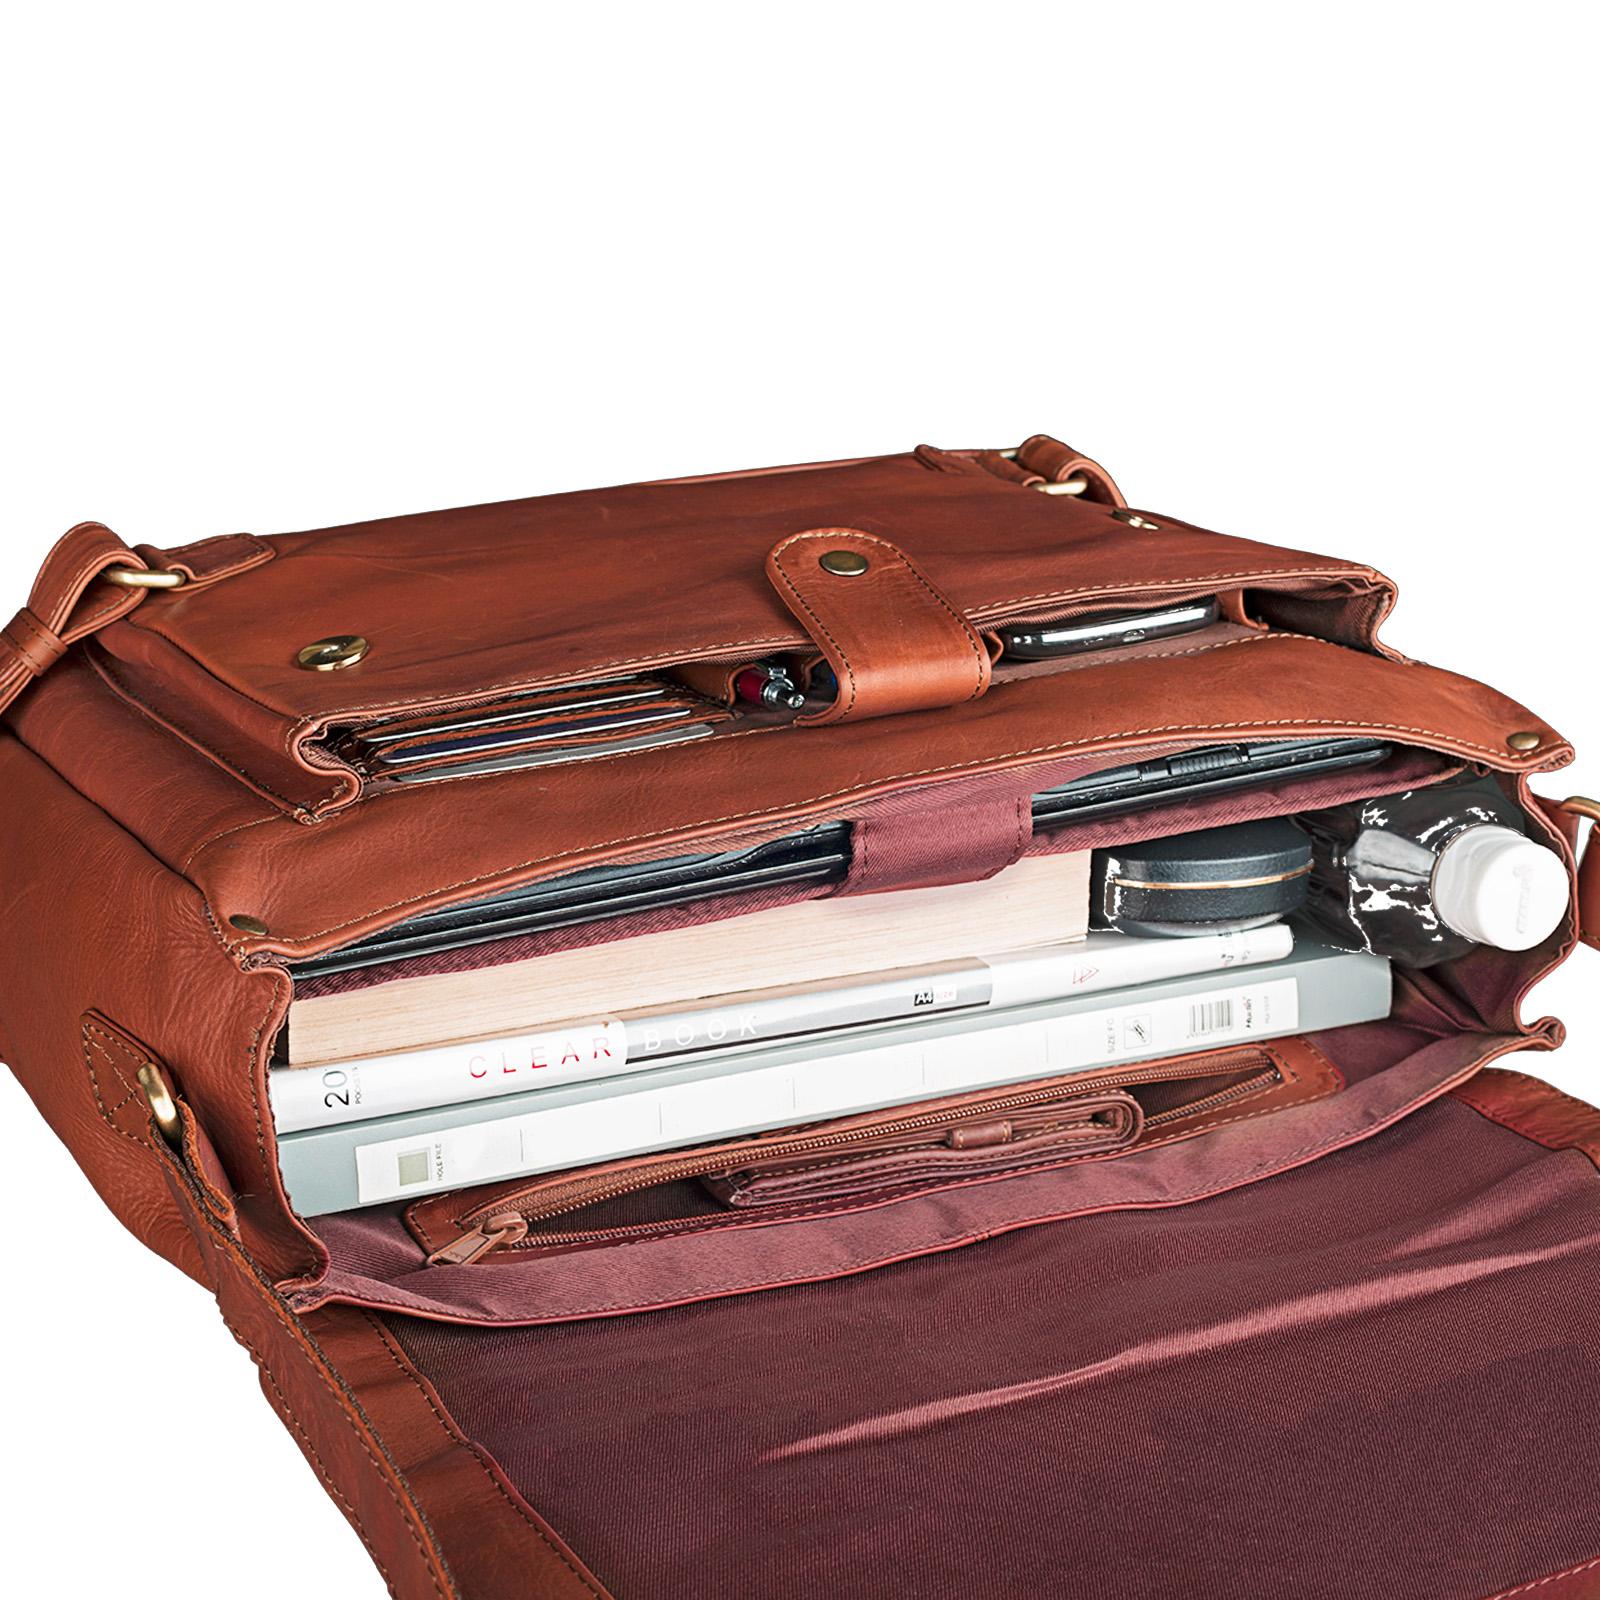 """STILORD """"Luca"""" Leder Businesstasche 15,6 Zoll Laptop Messenger Bag Vintage Aktentasche Umhängetasche Schultertasche Unisex Echtleder - Bild 7"""